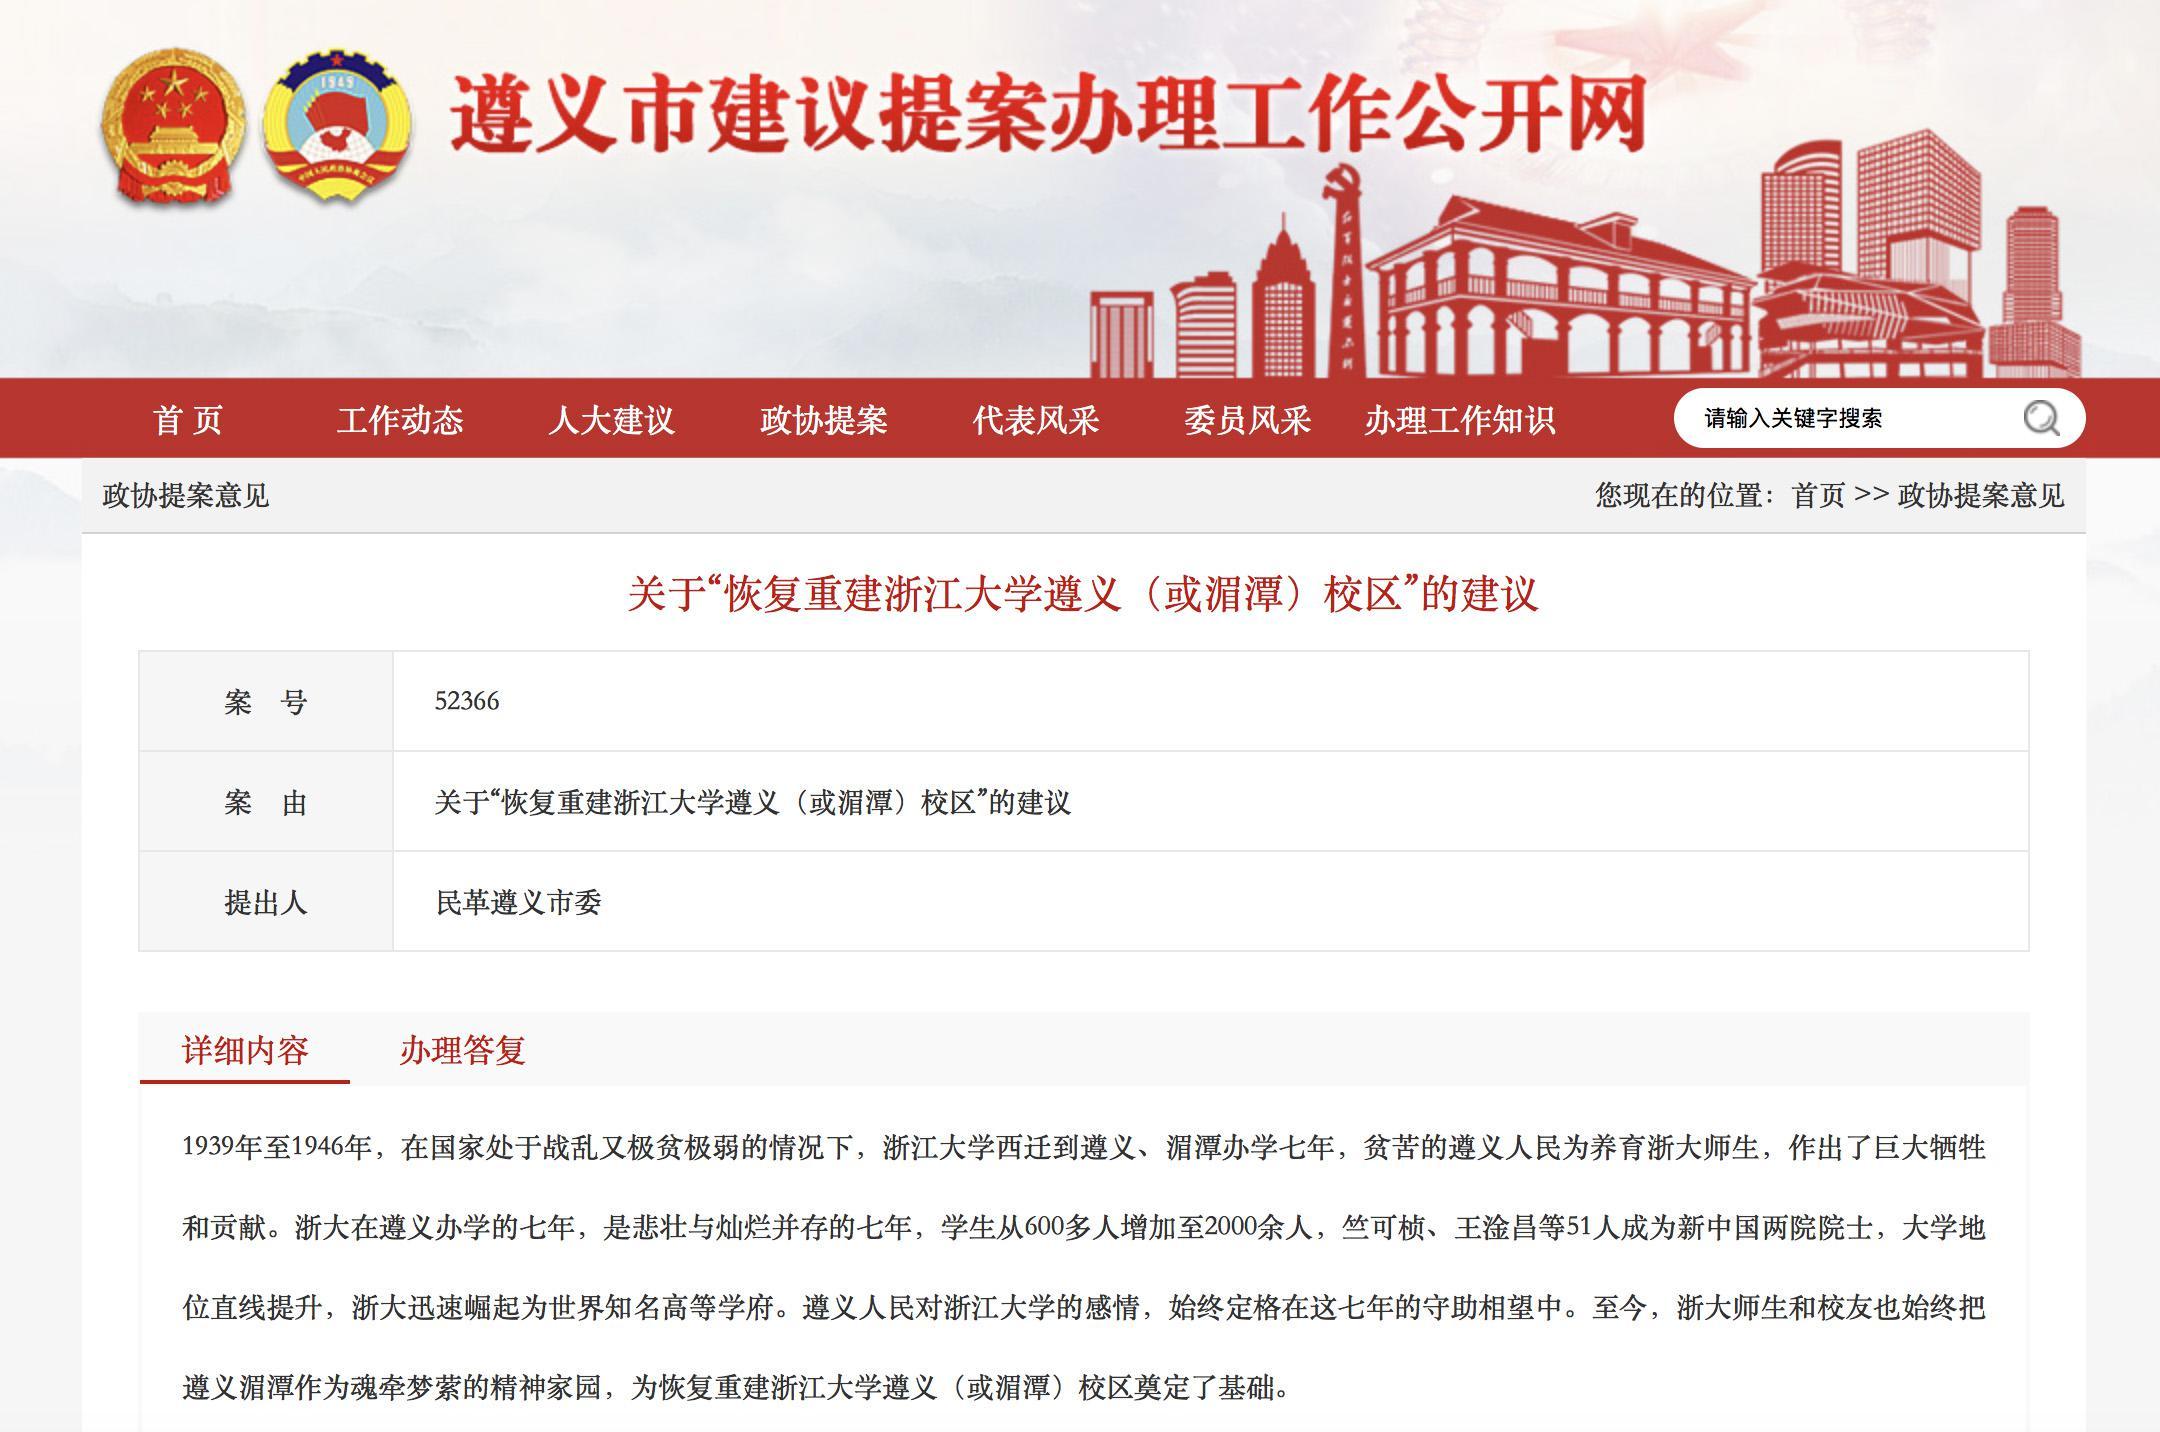 """浙大回应""""恢复重建遵义湄潭校区"""":不具备现实条件"""